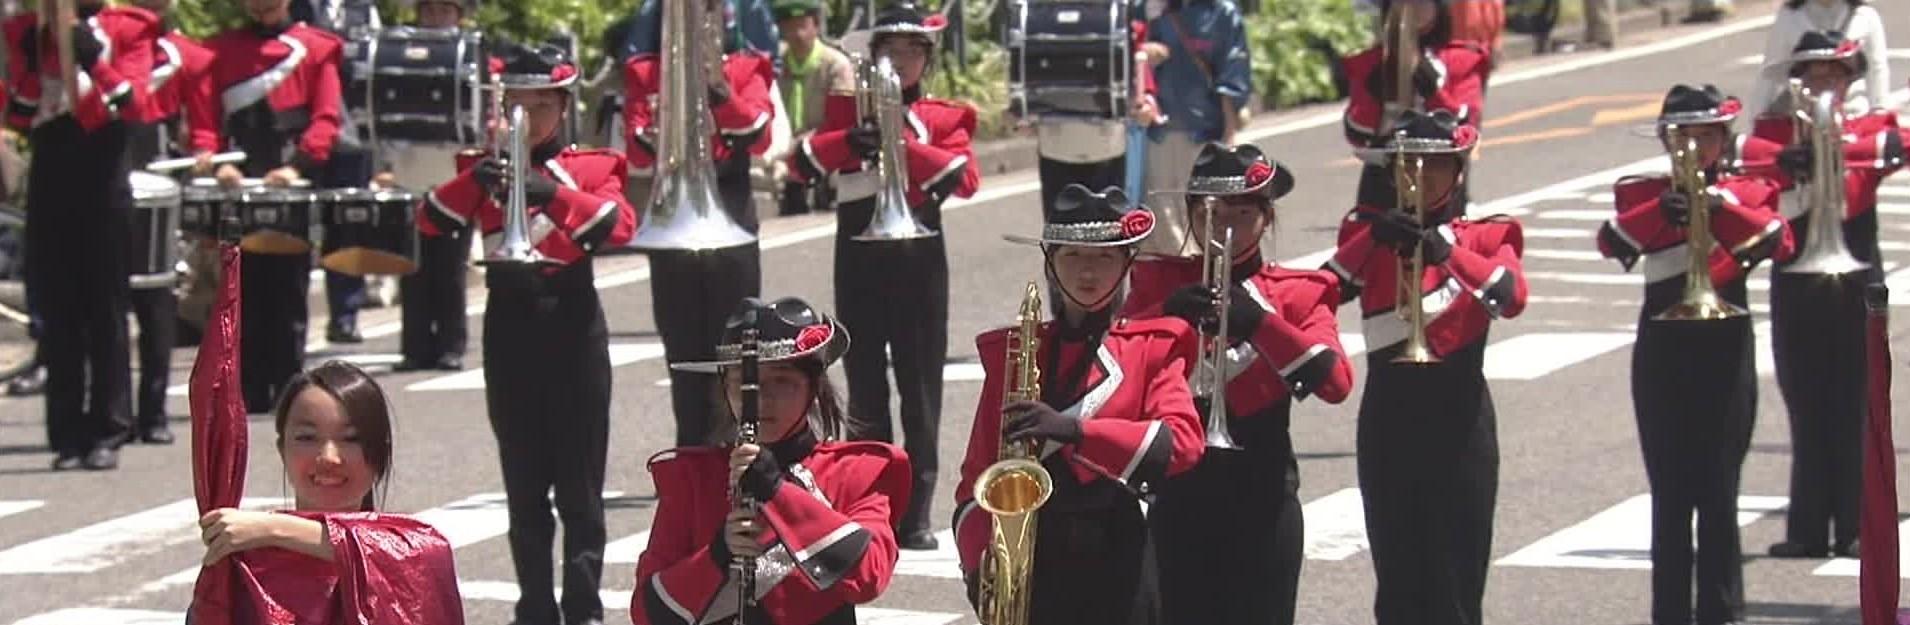 ザよこはまパレード2014